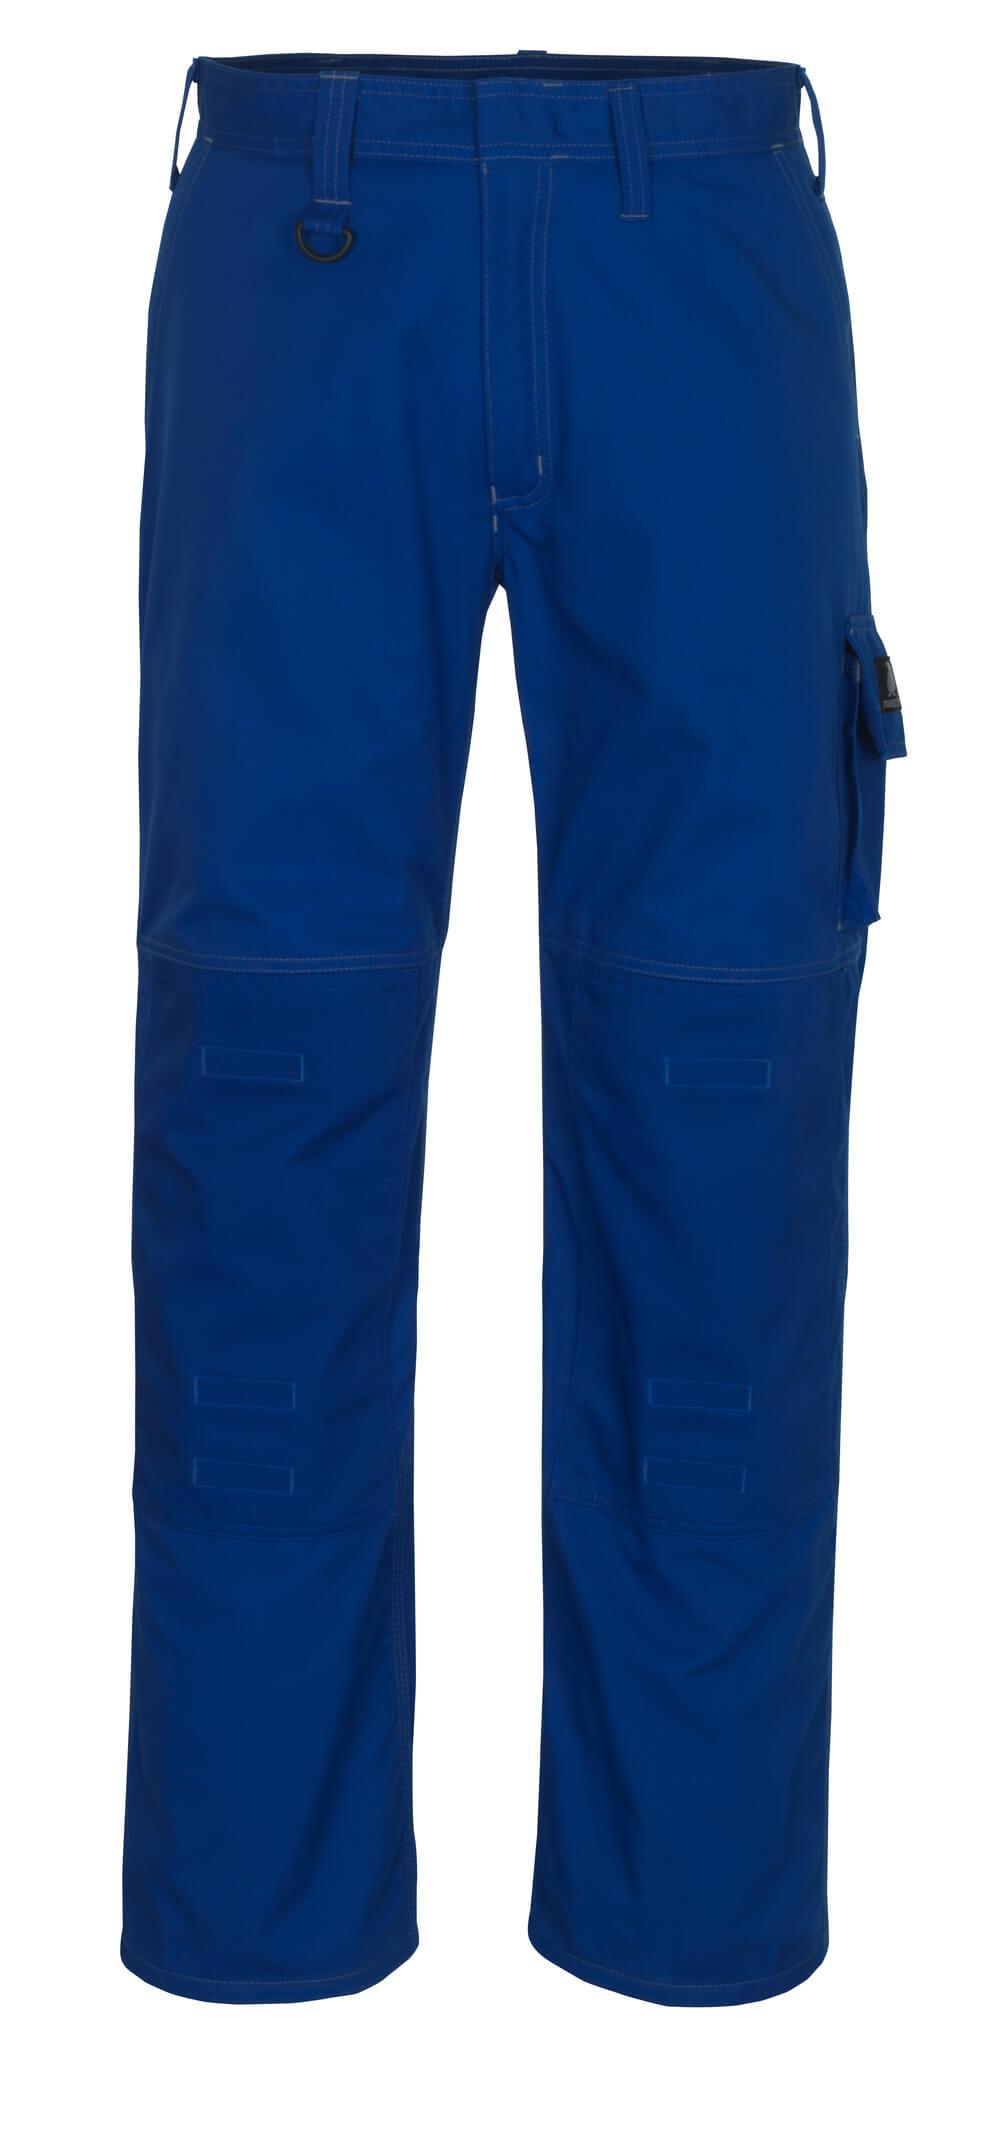 13179-430-11 Pantalones con bolsillos para rodilleras - azul real